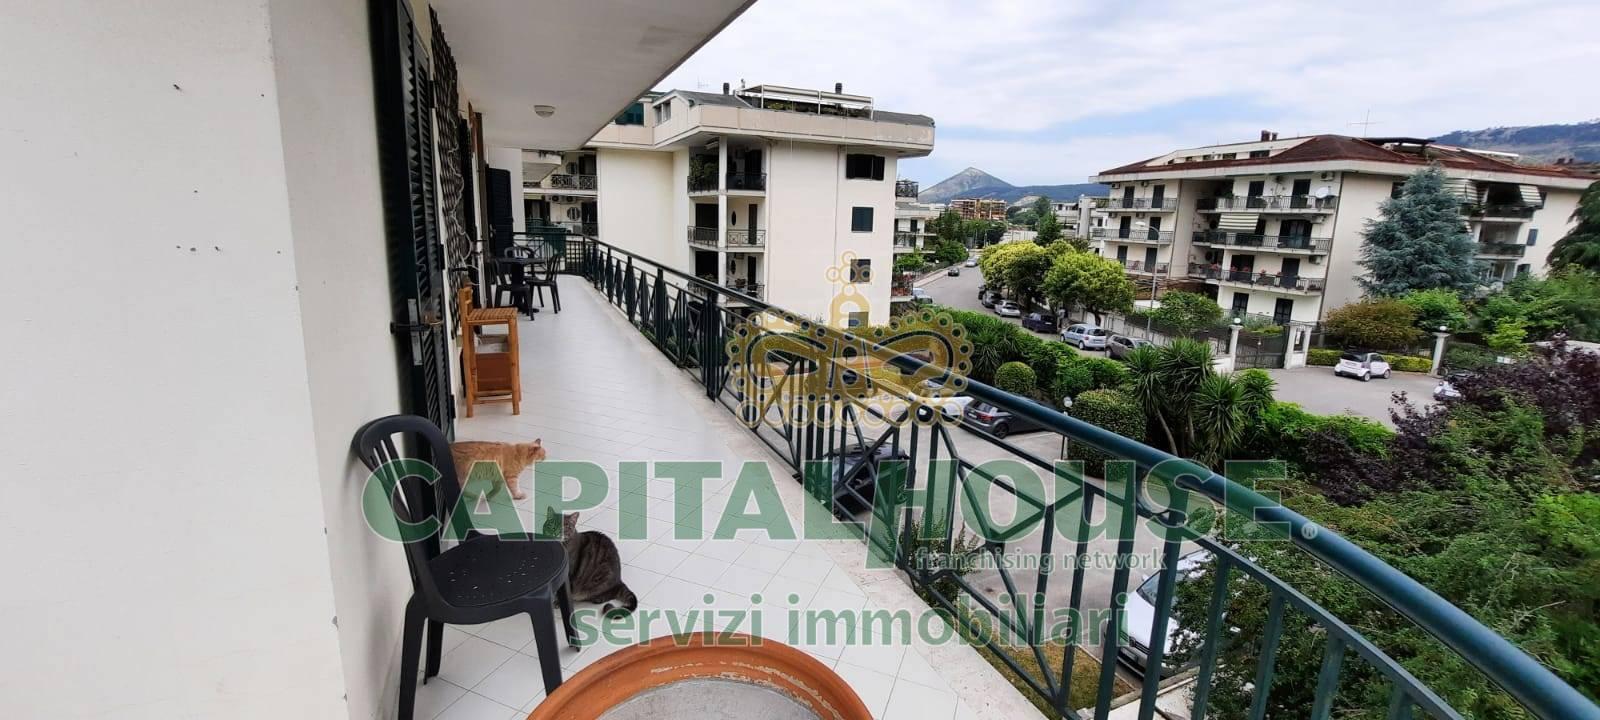 Appartamento in vendita a Caserta, 4 locali, zona Località: Caserta2(Cerasola, prezzo € 259.000 | PortaleAgenzieImmobiliari.it